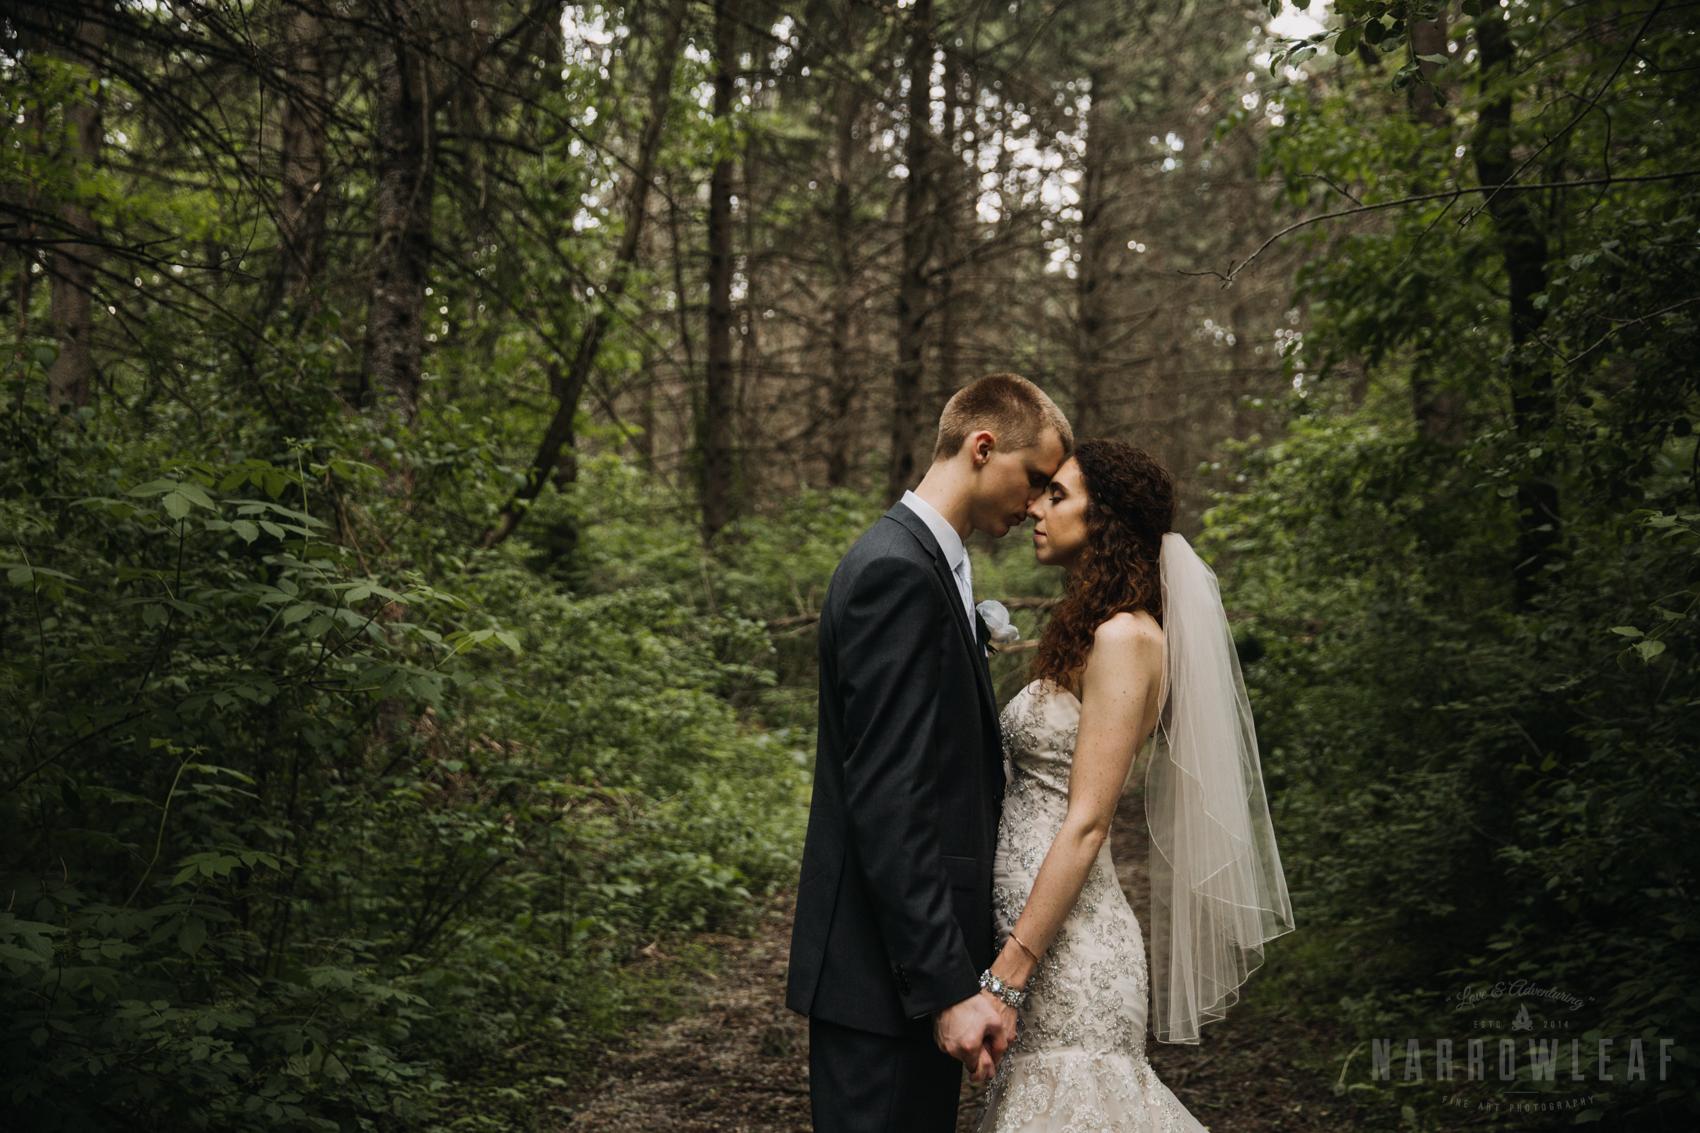 bride-groom-wooded-adventure-portraits-mermaid-dress-301.jpg